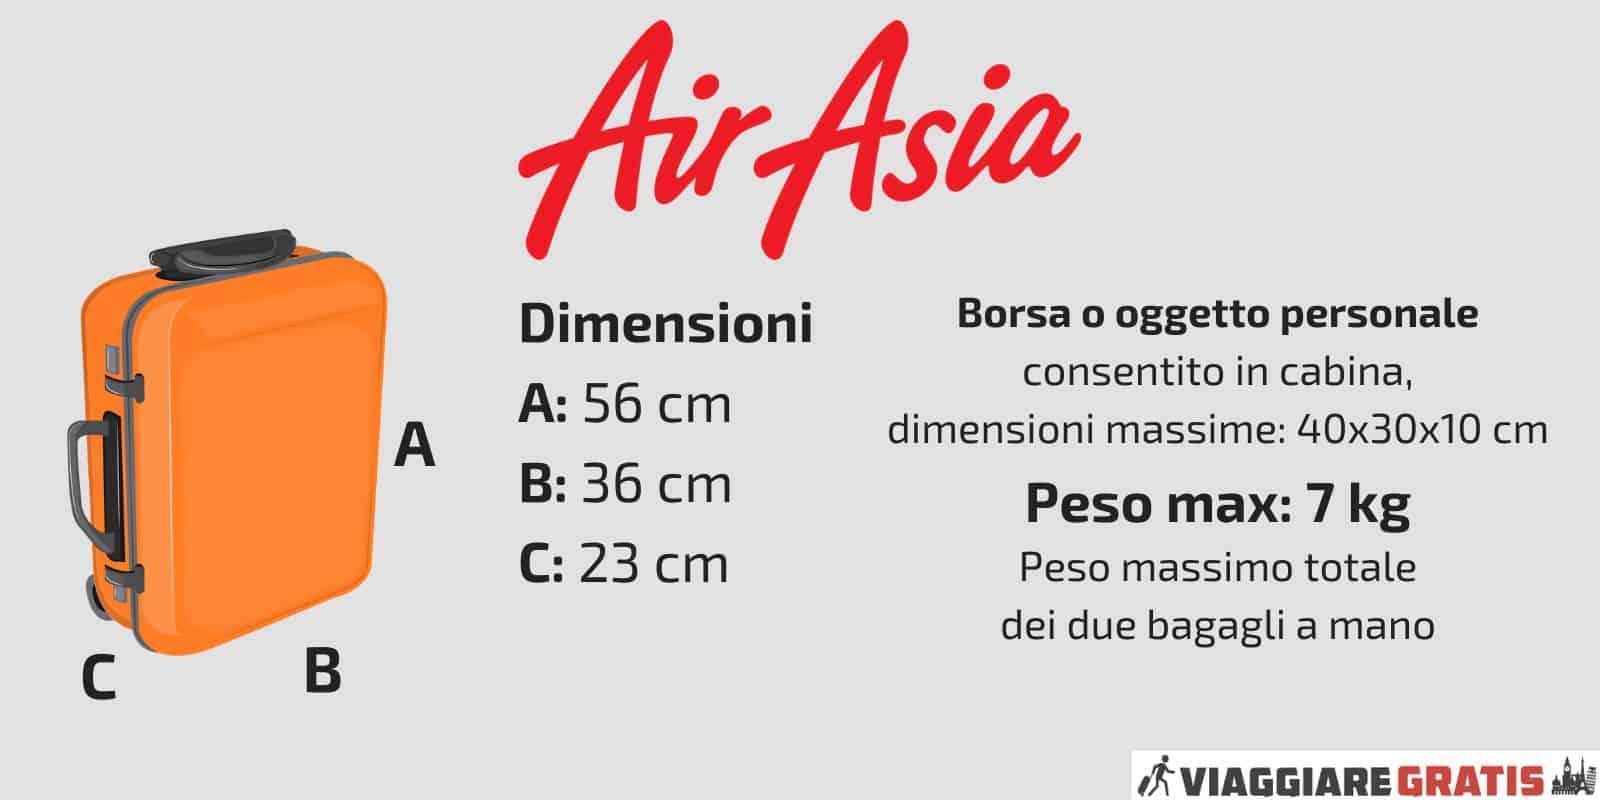 Bagaglio a Mano Air Asia